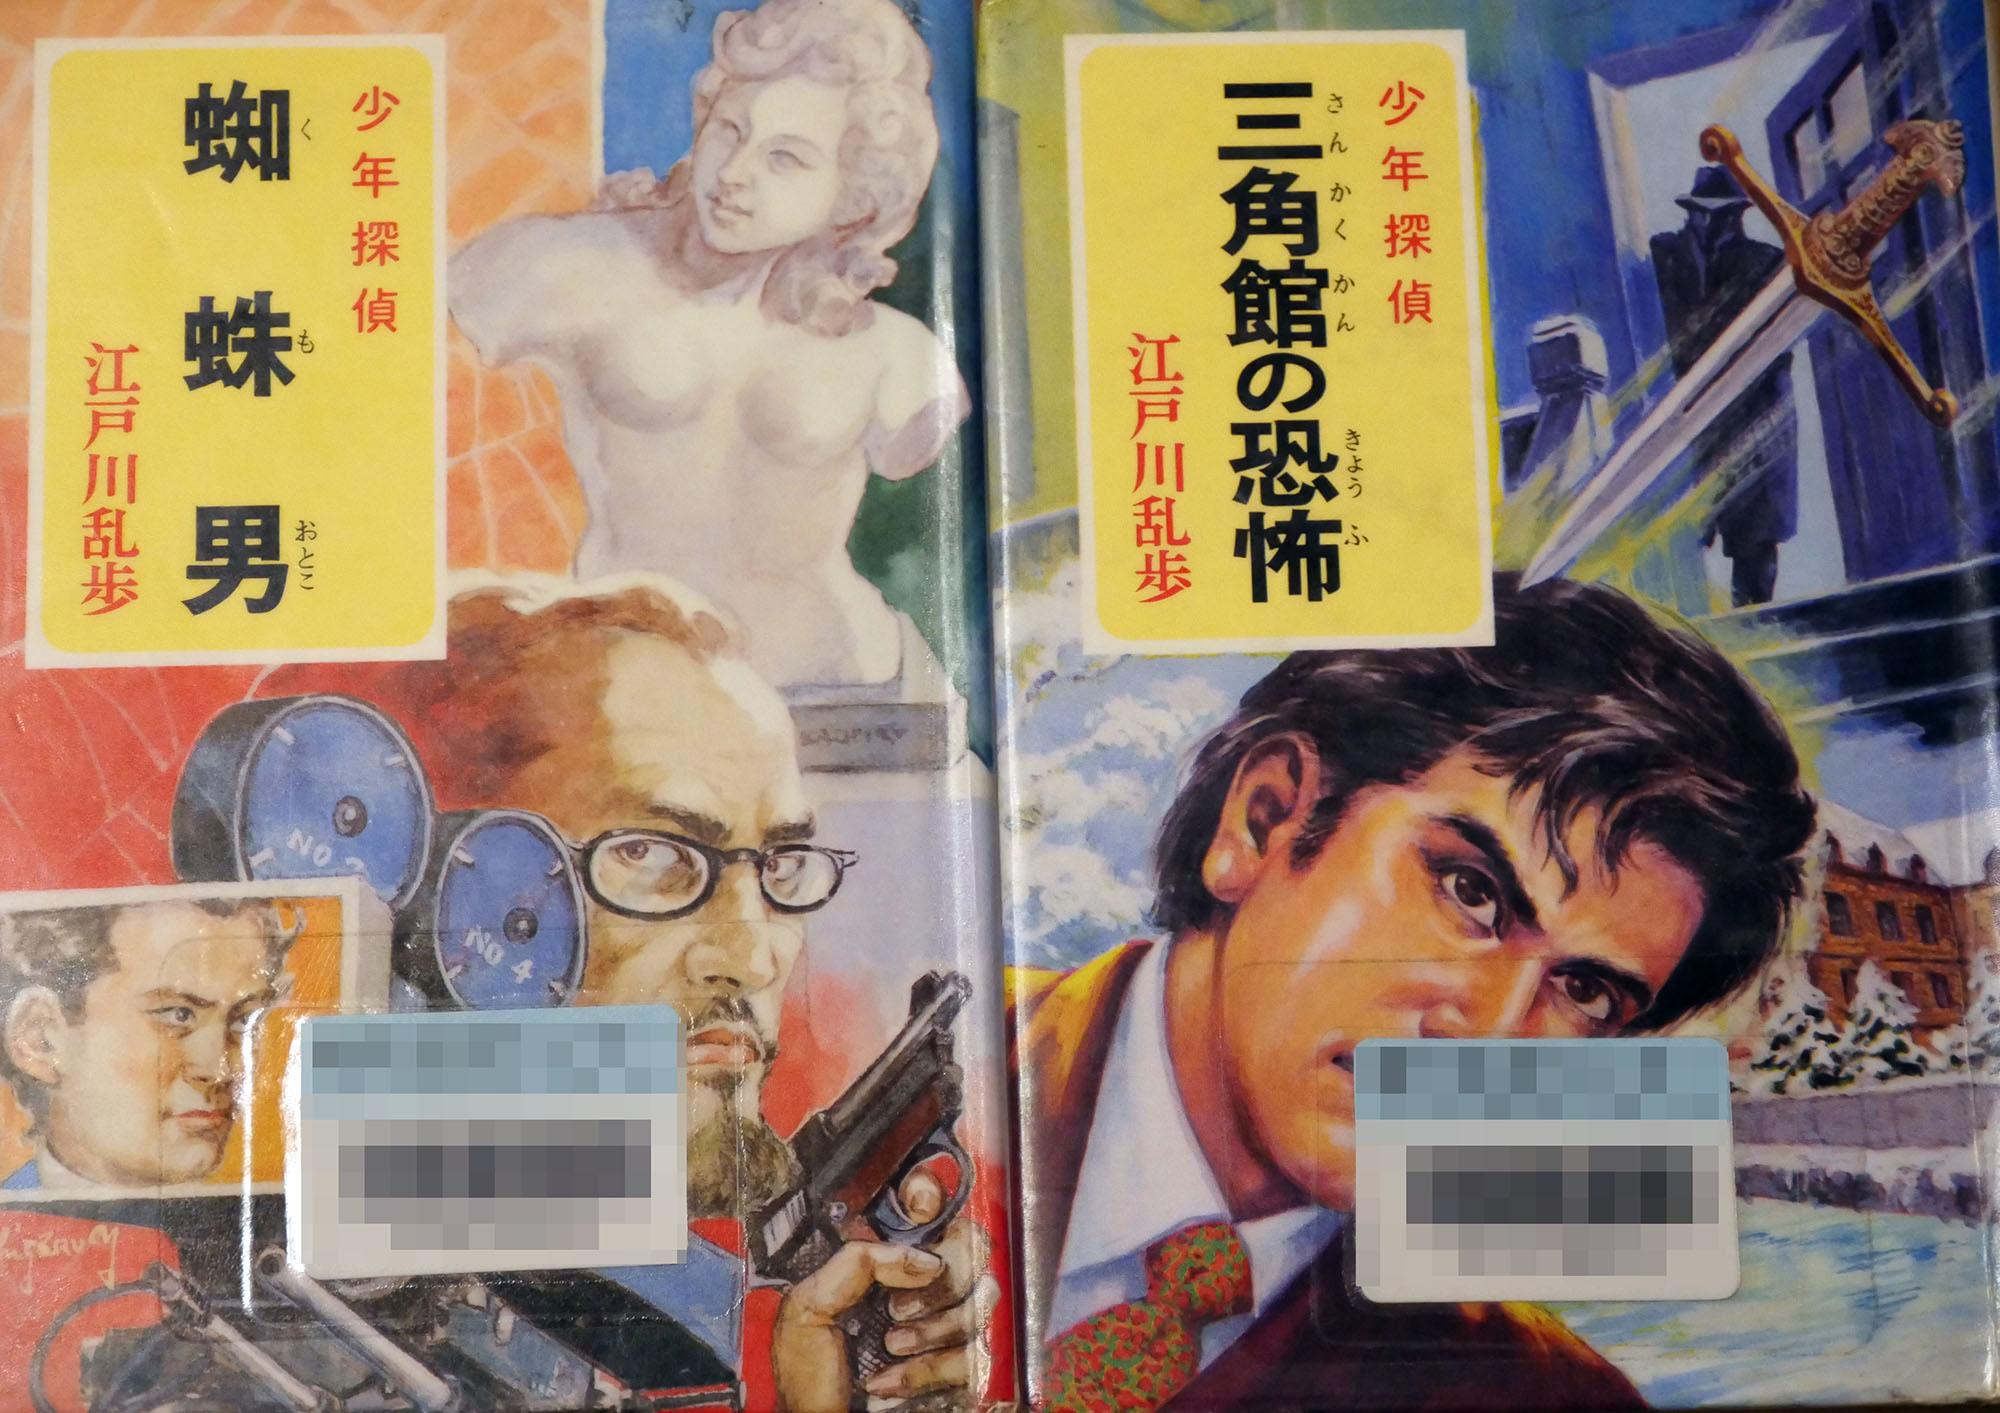 小3の娘の愛読書は、2015年に没後50周年を迎えた江戸川乱歩の 少年探偵シリーズ